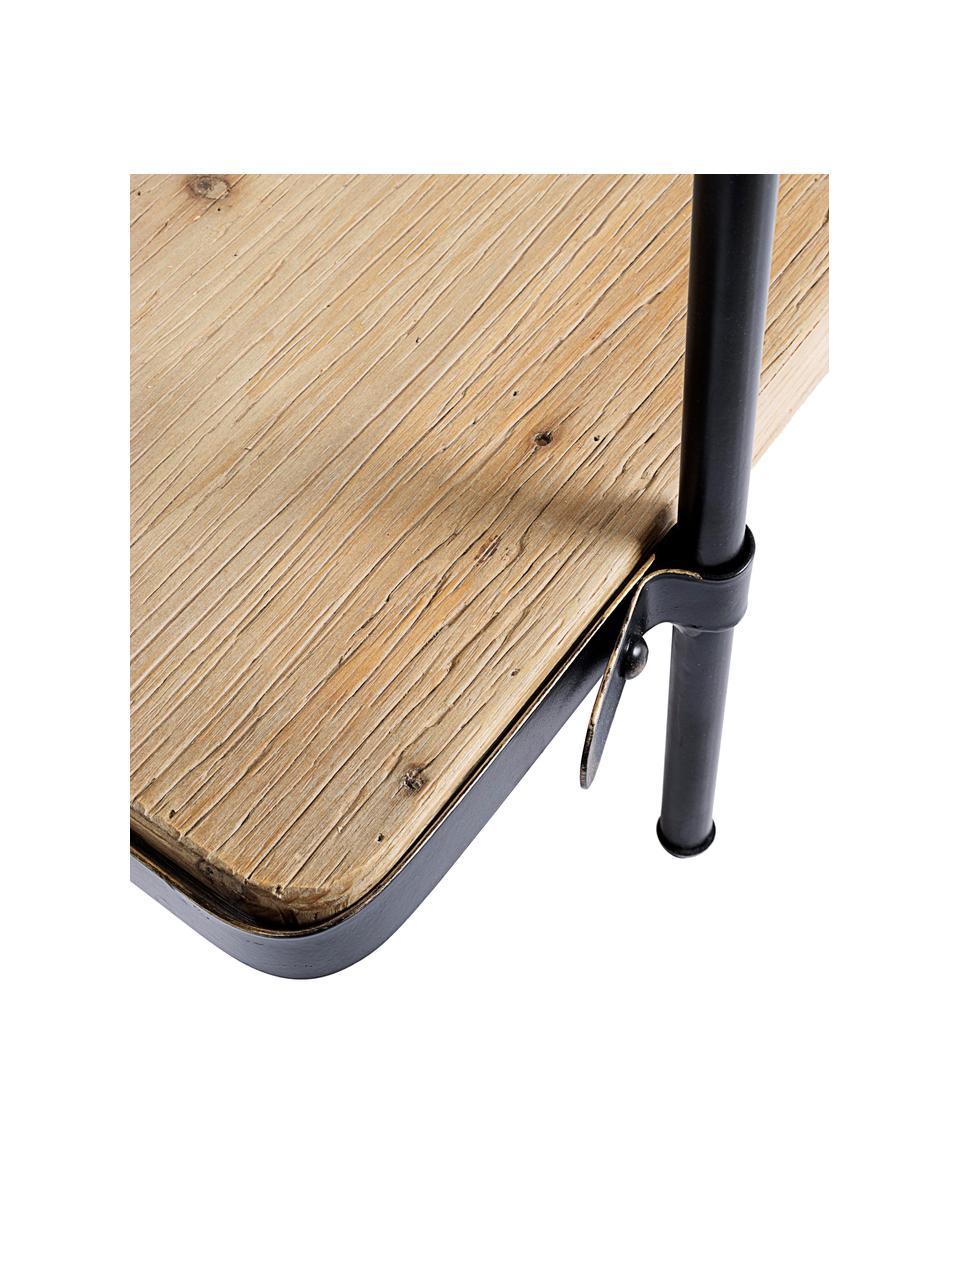 Standregal Jerrod aus Holz und Metall, Gestell: Metall, epoxidiert und pu, Einlegeböden: Mitteldichte Holzfaserpla, Schwarz, Braun, 122 x 180 cm